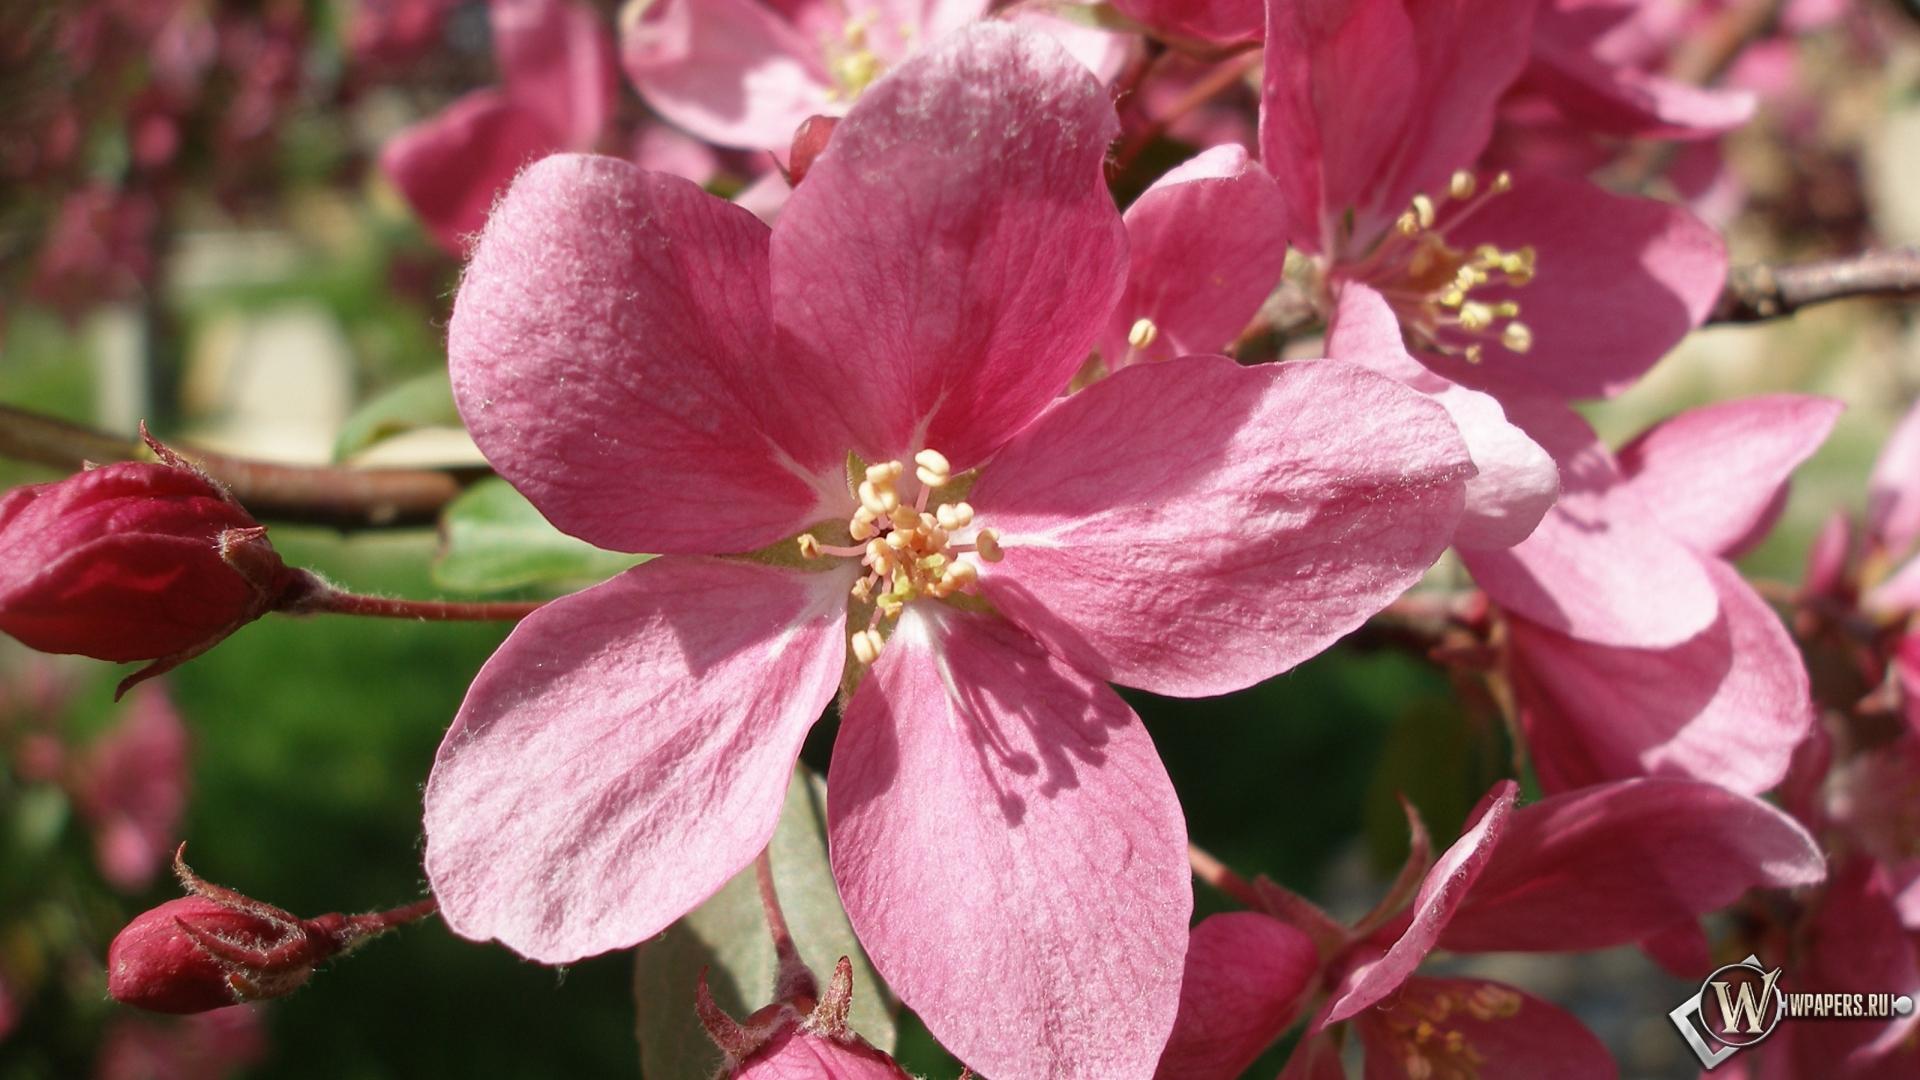 Розовые цветы 1920x1080